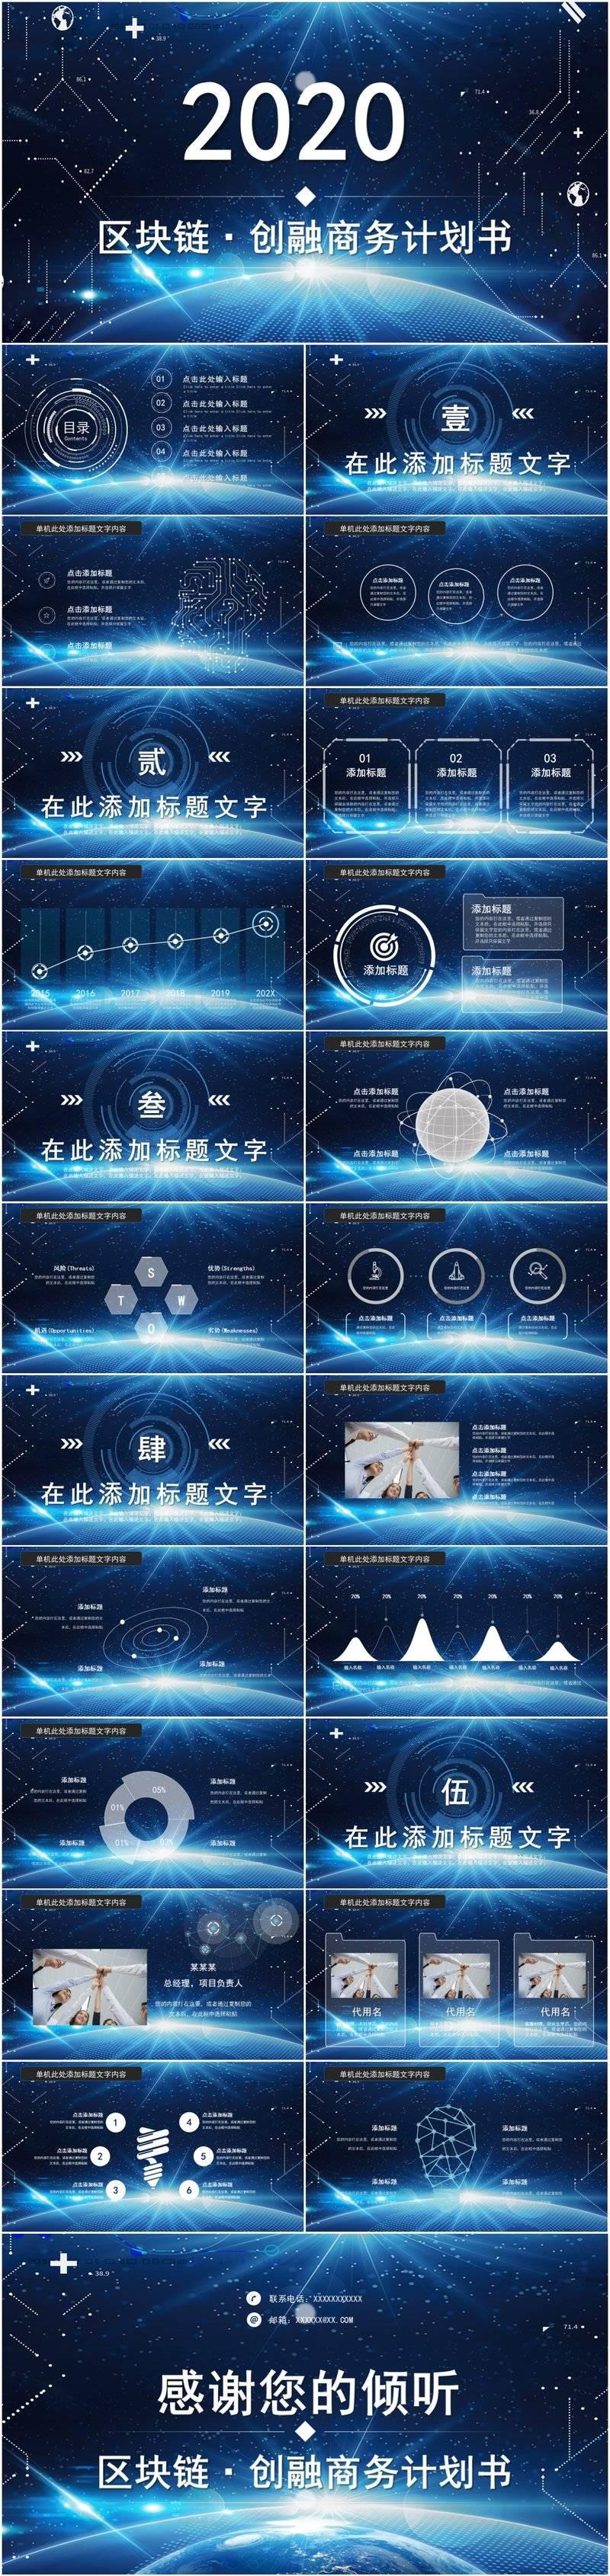 深蓝色高科技互联网创业项目融资商务计划书PPT模板